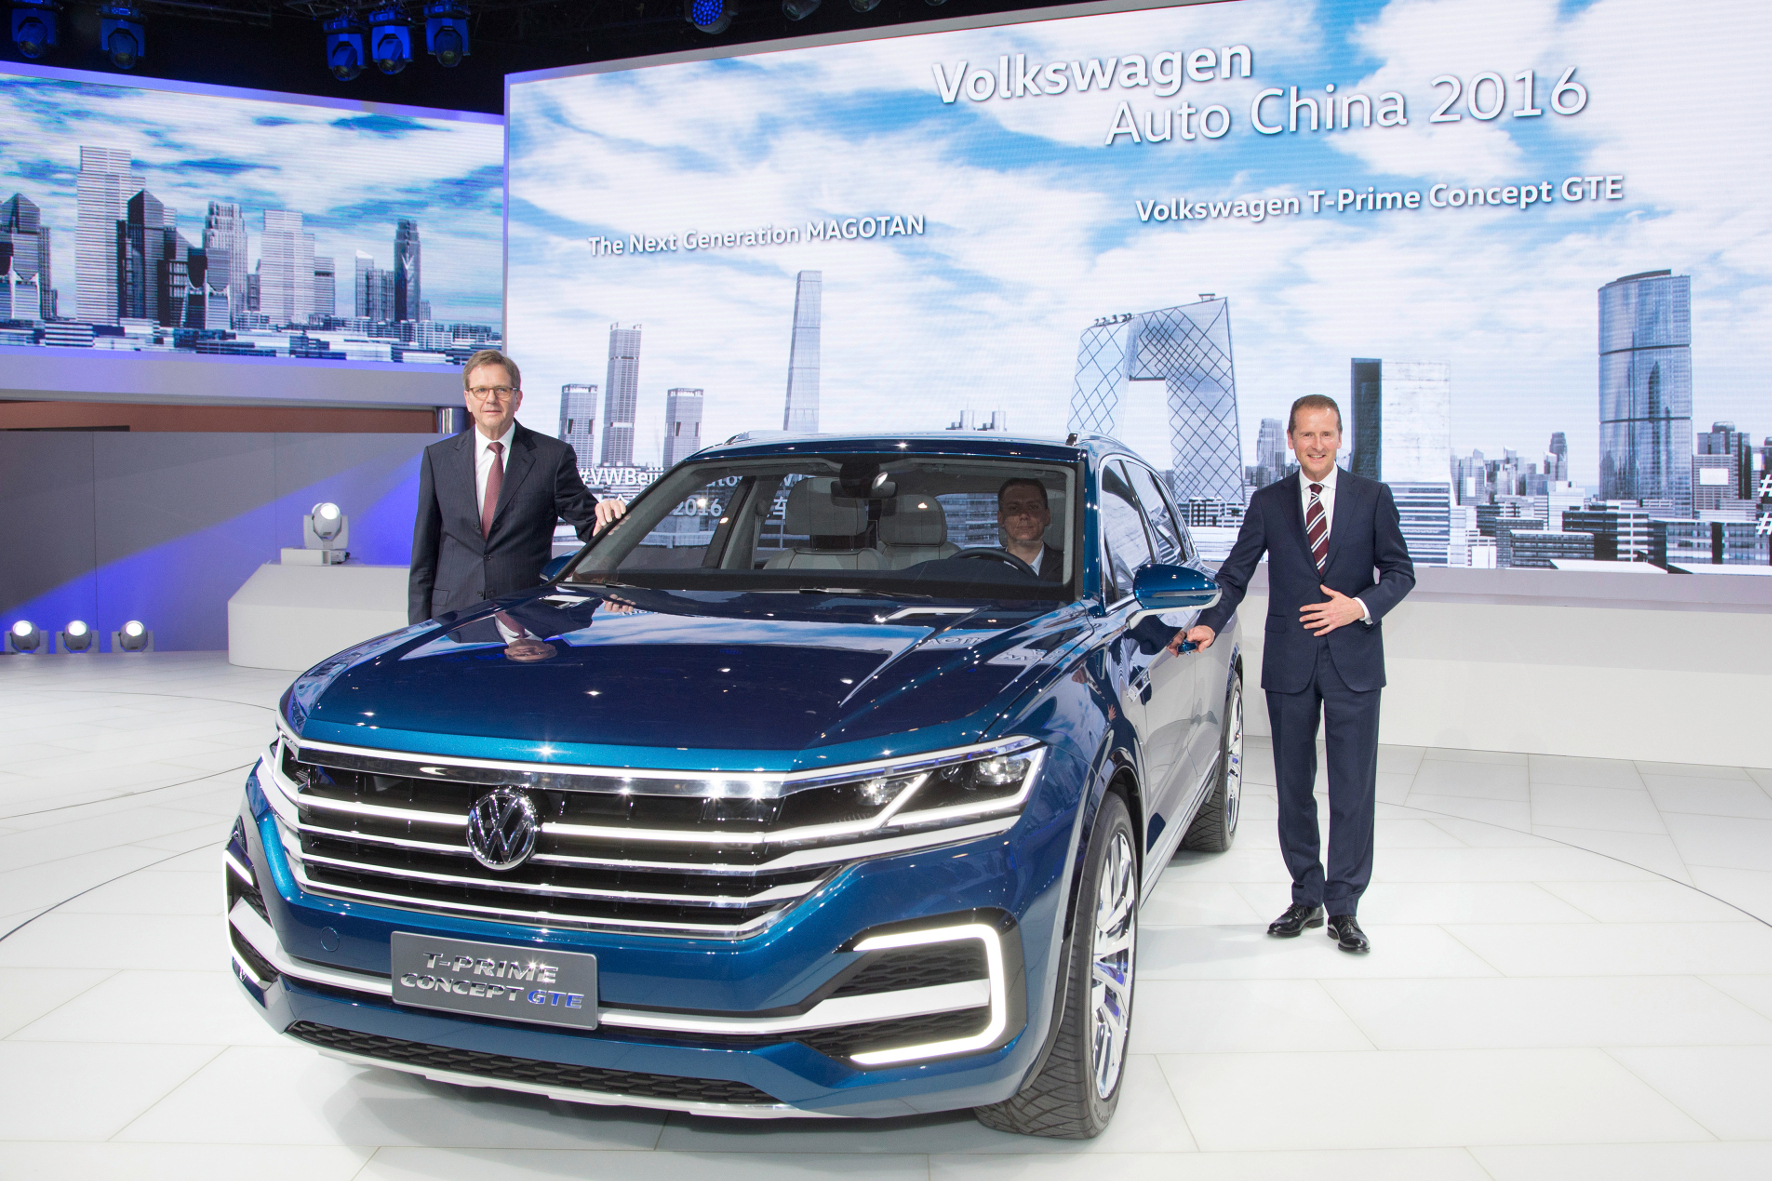 mid Peking - Dr. Herbert Diess (rechts), Vorstandsvorsitzender der Marke Volkswagen und Prof. Dr. Jochem Heizmann, Mitglied des Vorstands der Volkswagen AG für den Geschäftsbereich China, präsentieren den neuen T-Prime Concept GTE.